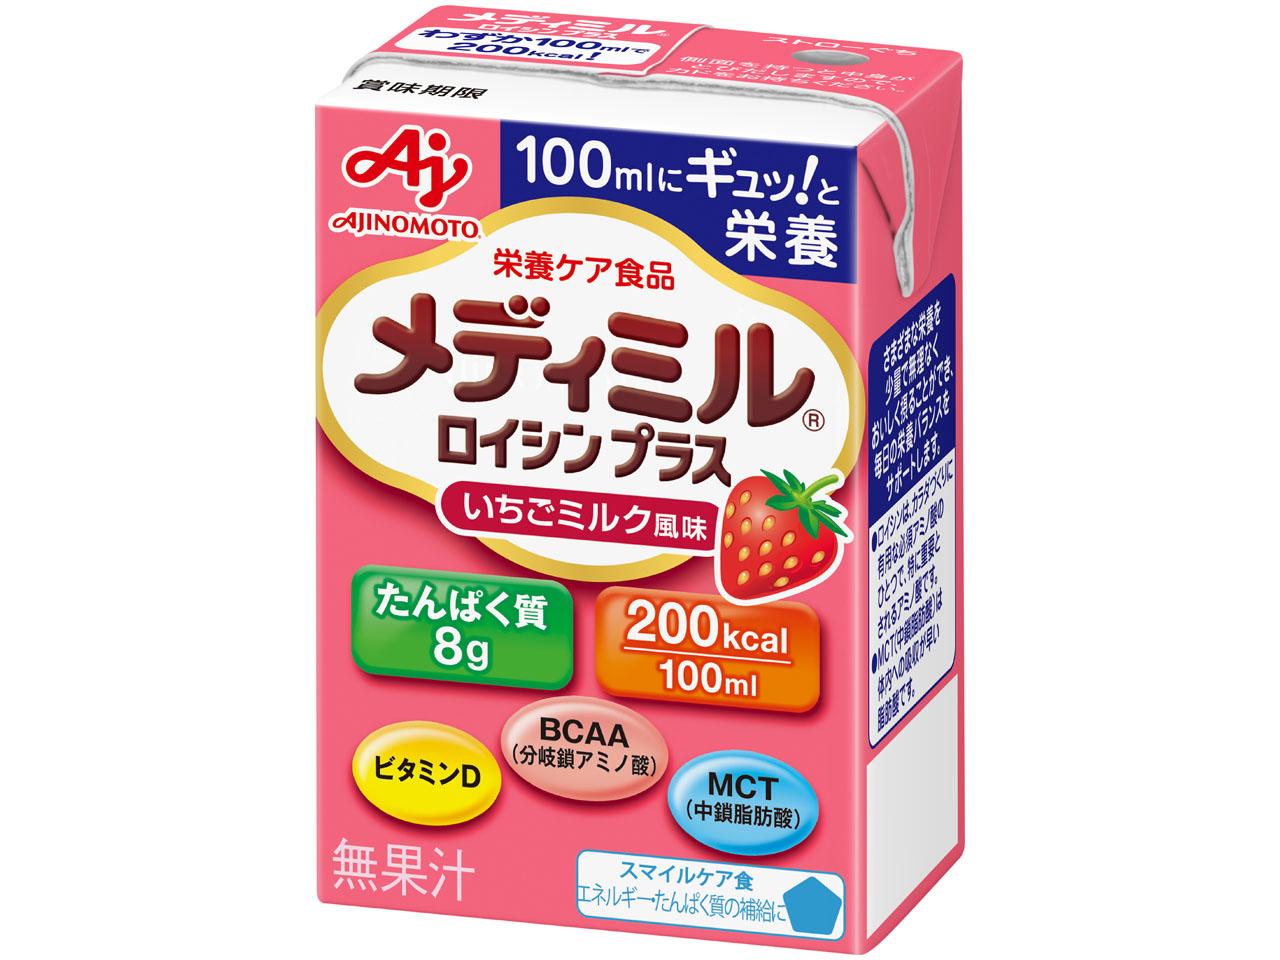 メディミルロイシンプラス いちごミルク  100ml×15